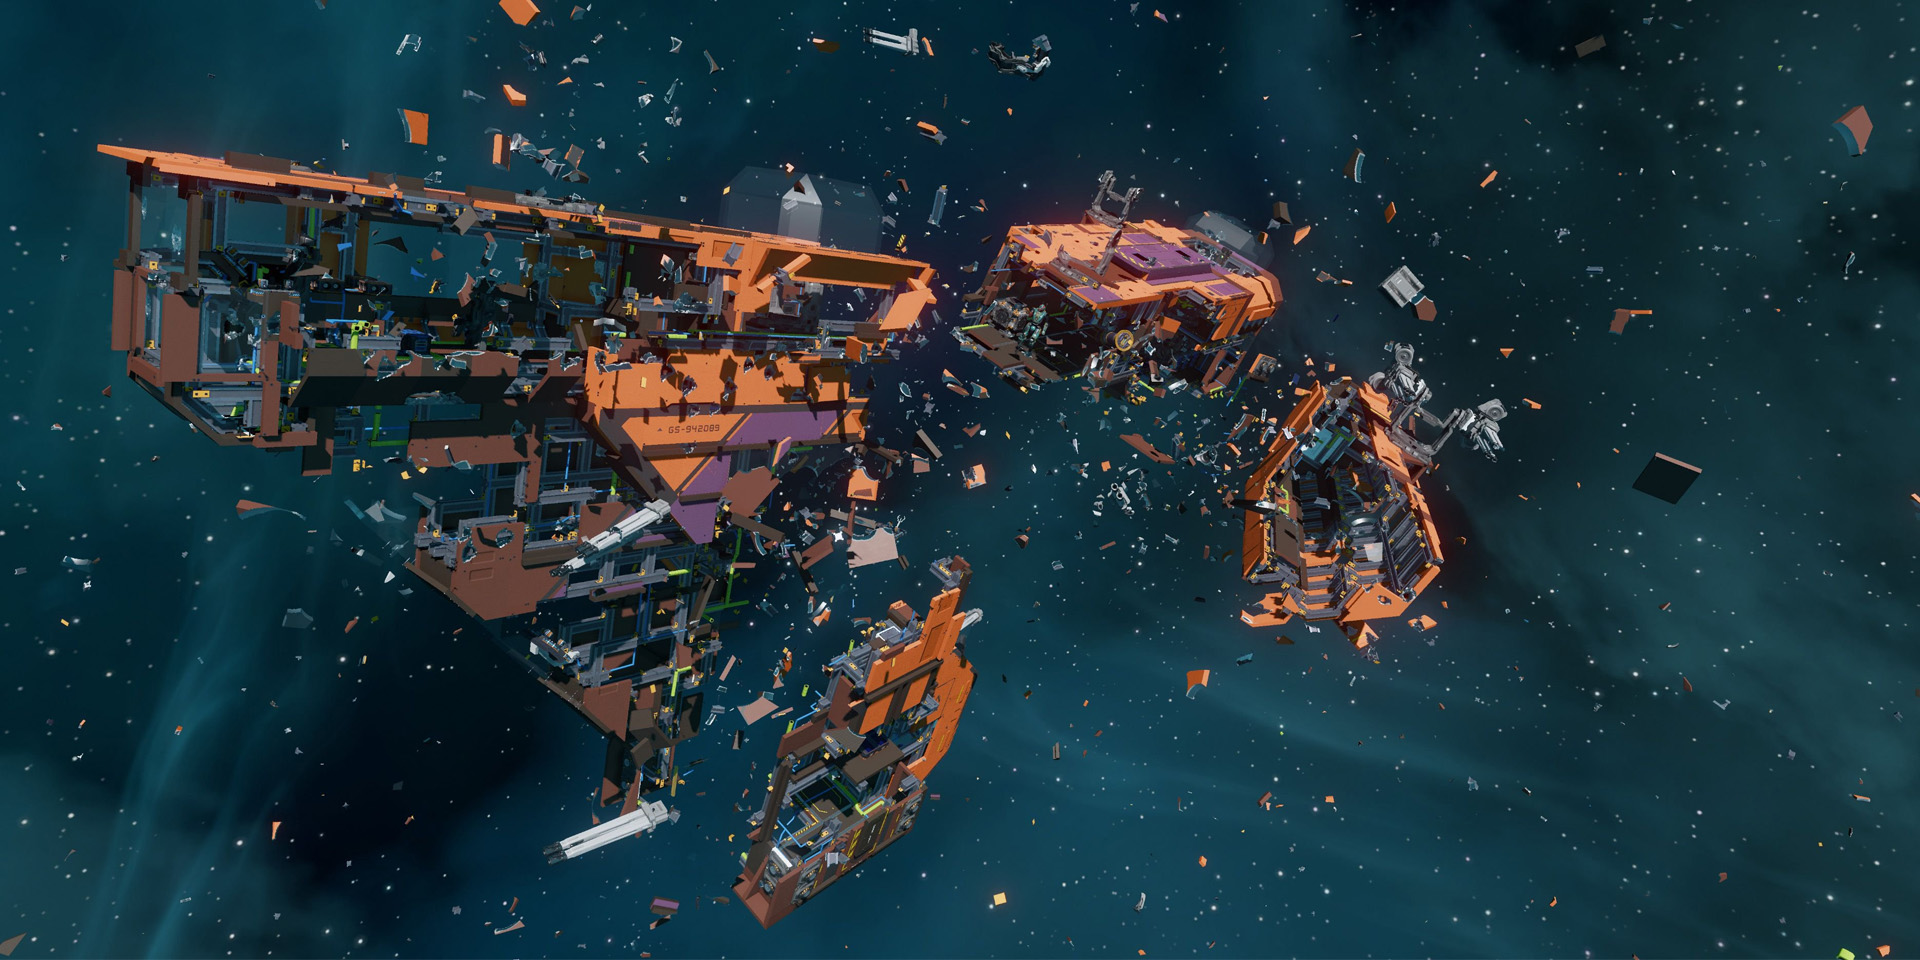 Starbase: Обломки